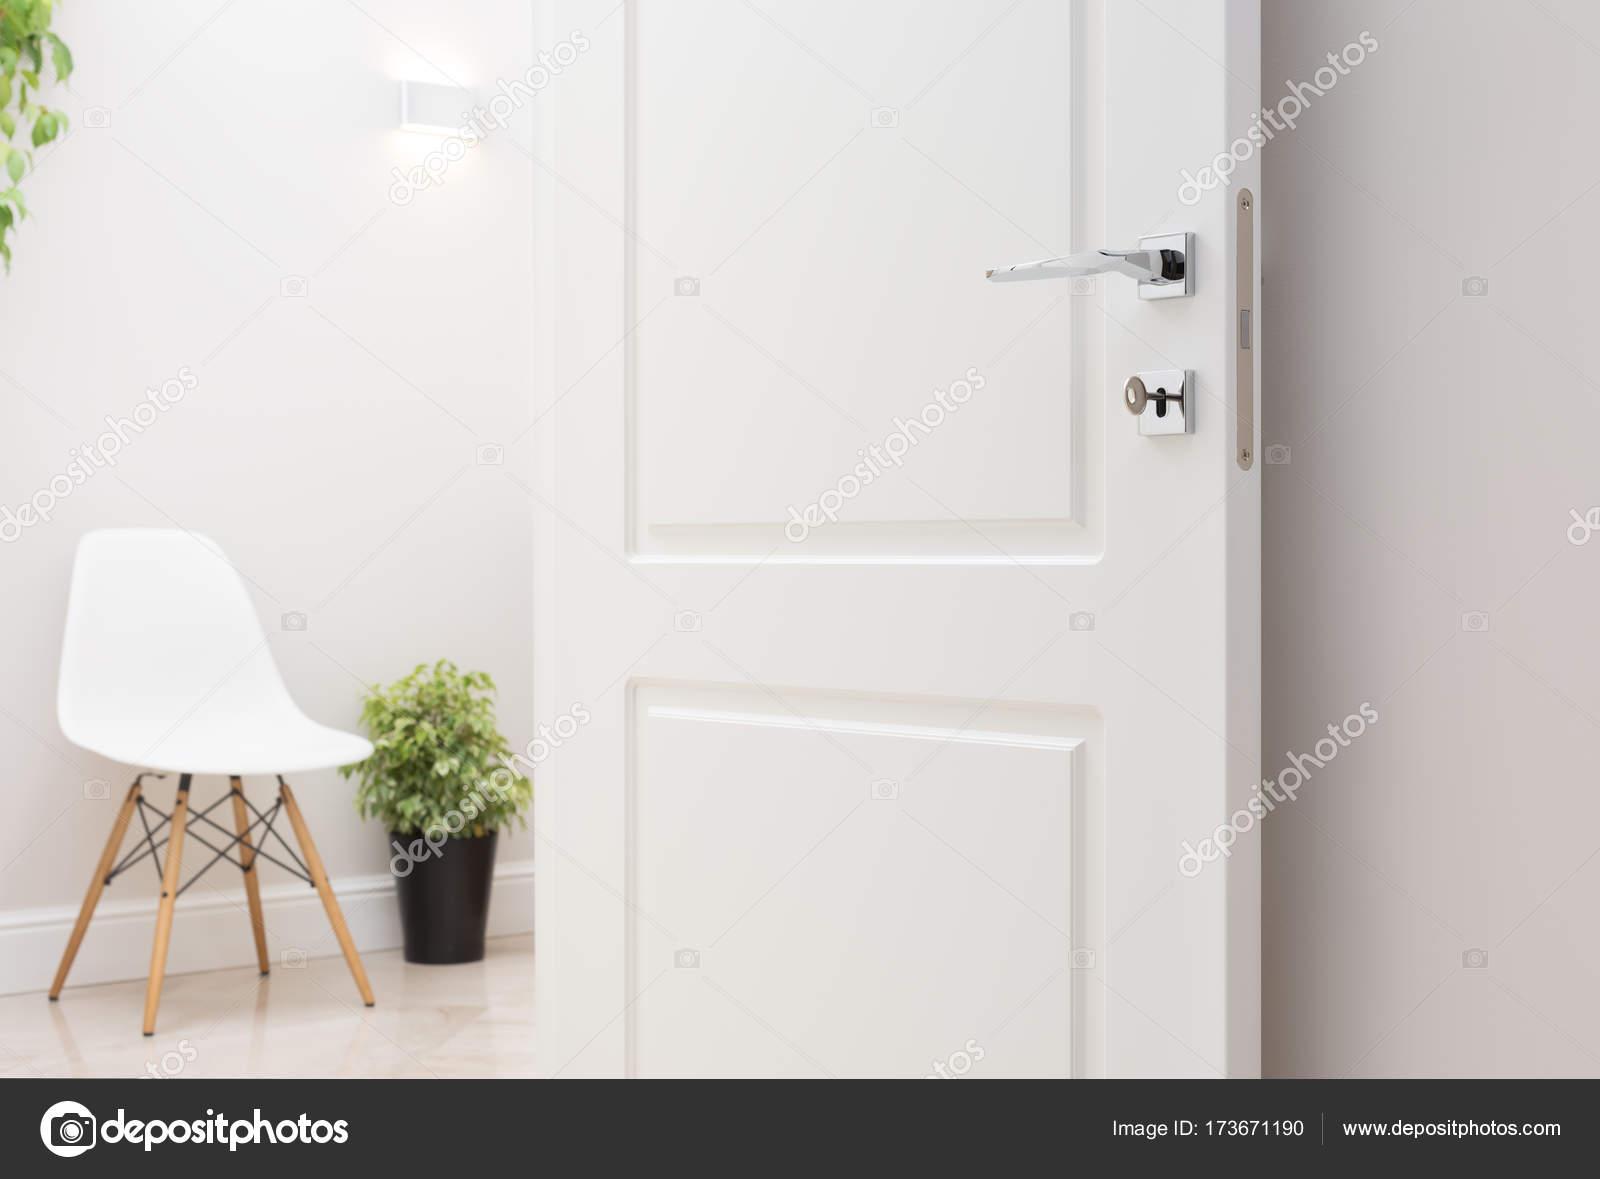 Le porte interne bianche aperte. Bicromato di potassio moderno ...